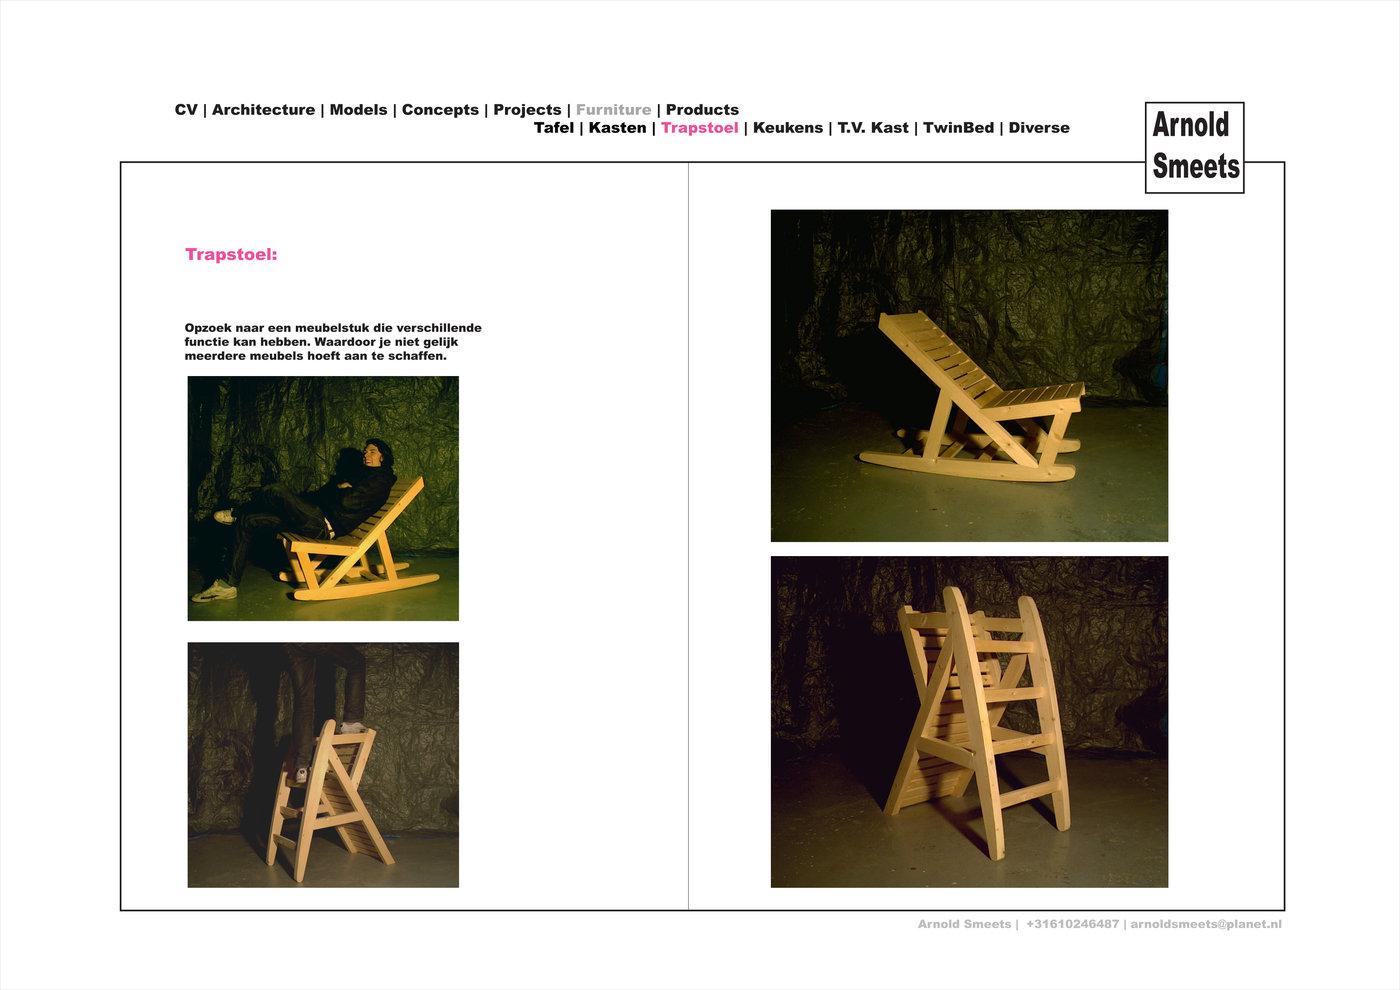 Portfolio By Arnold Smeets At Coroflot.com